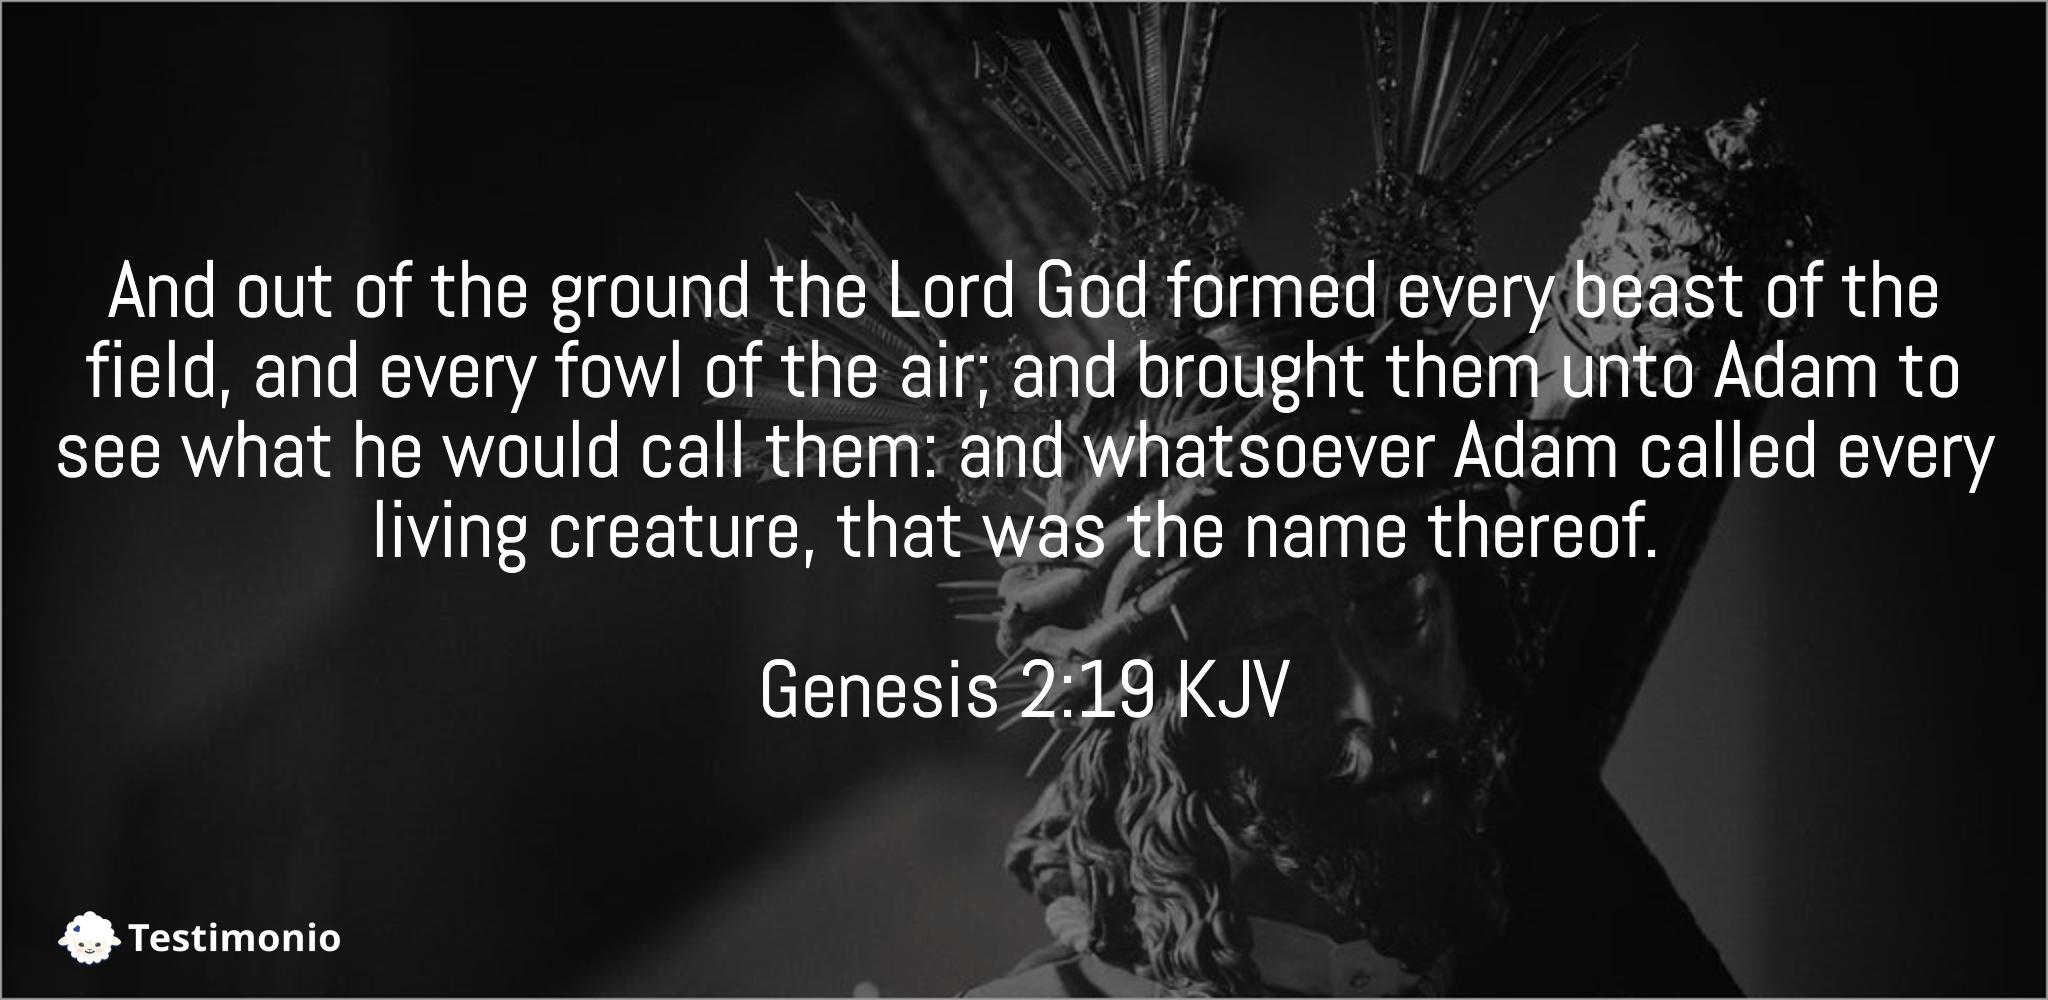 Genesis 2:19